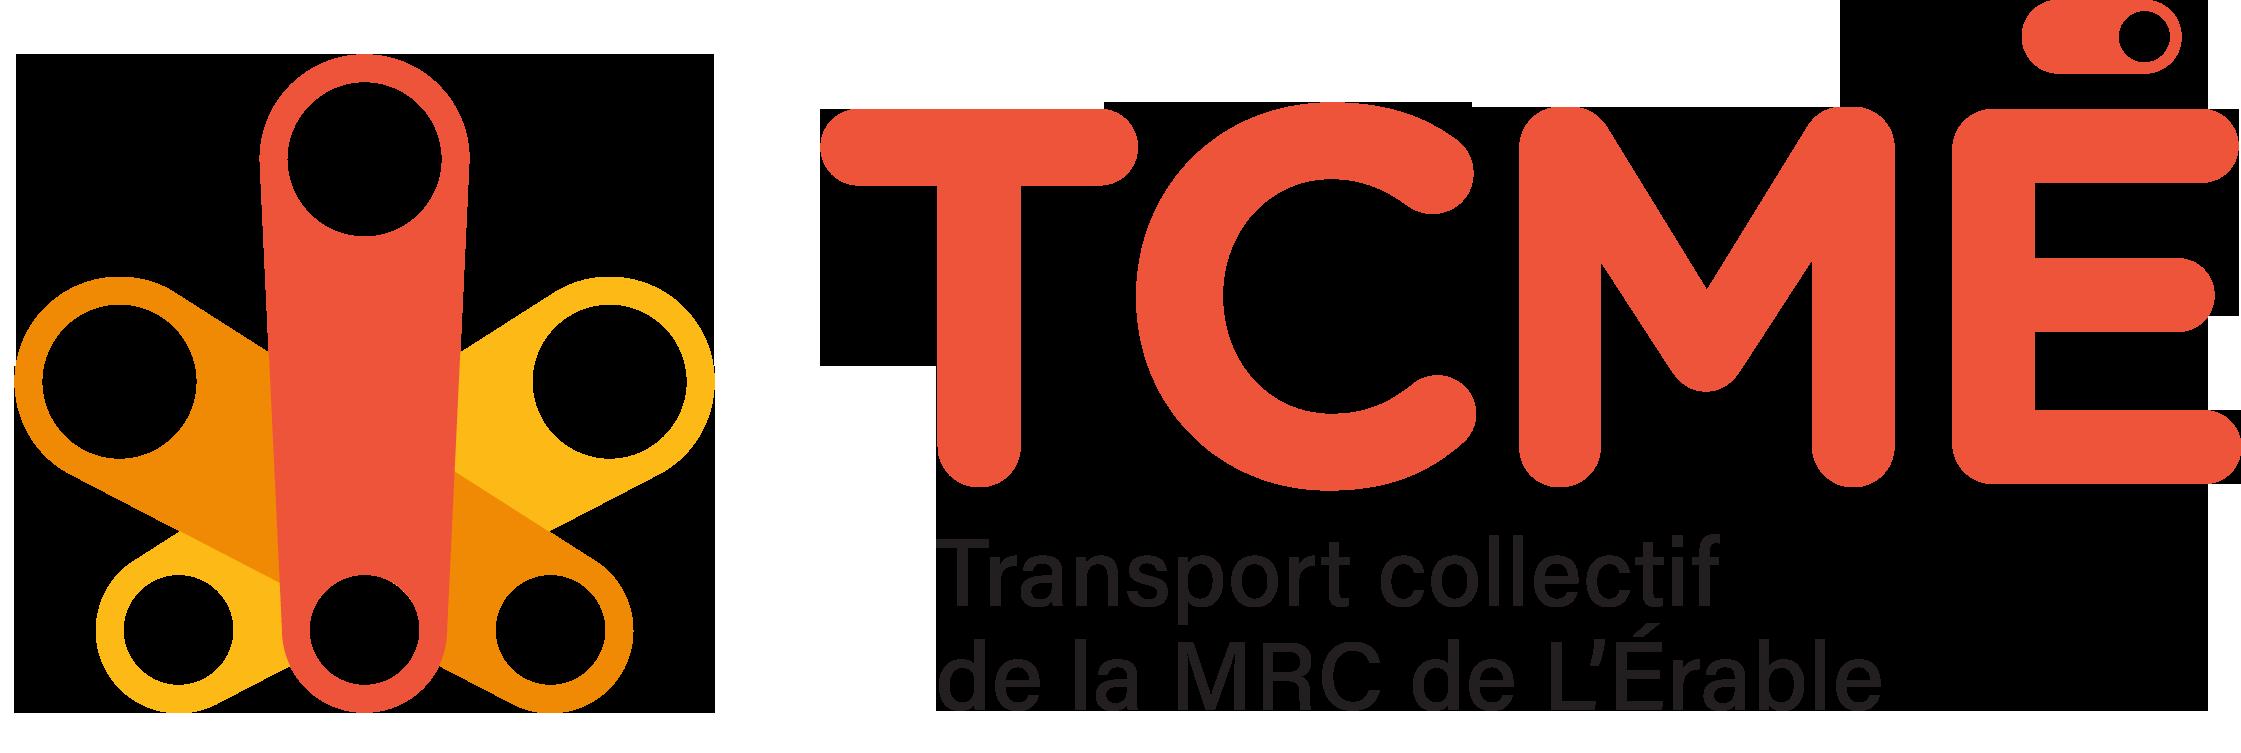 Transport collectif de la MRC de L'Érable